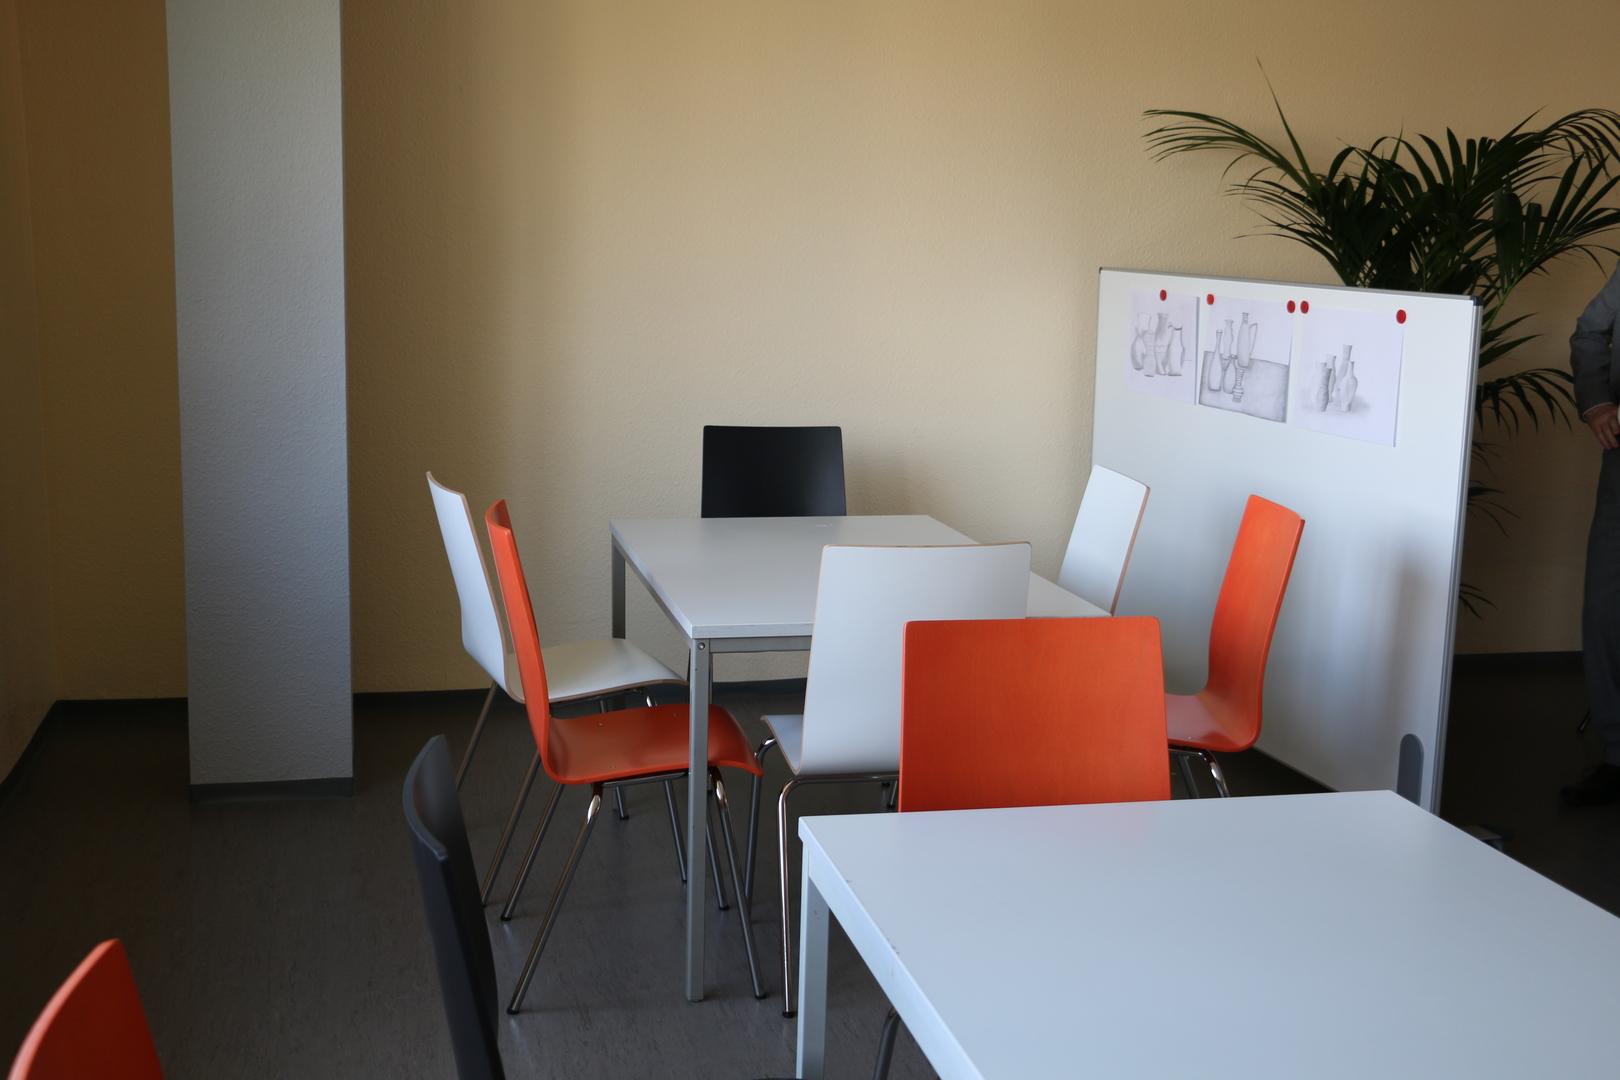 Speiseraum in einer Schule mit weißen Tischen und orangenen Stühlen und einer Ausstellungstafel